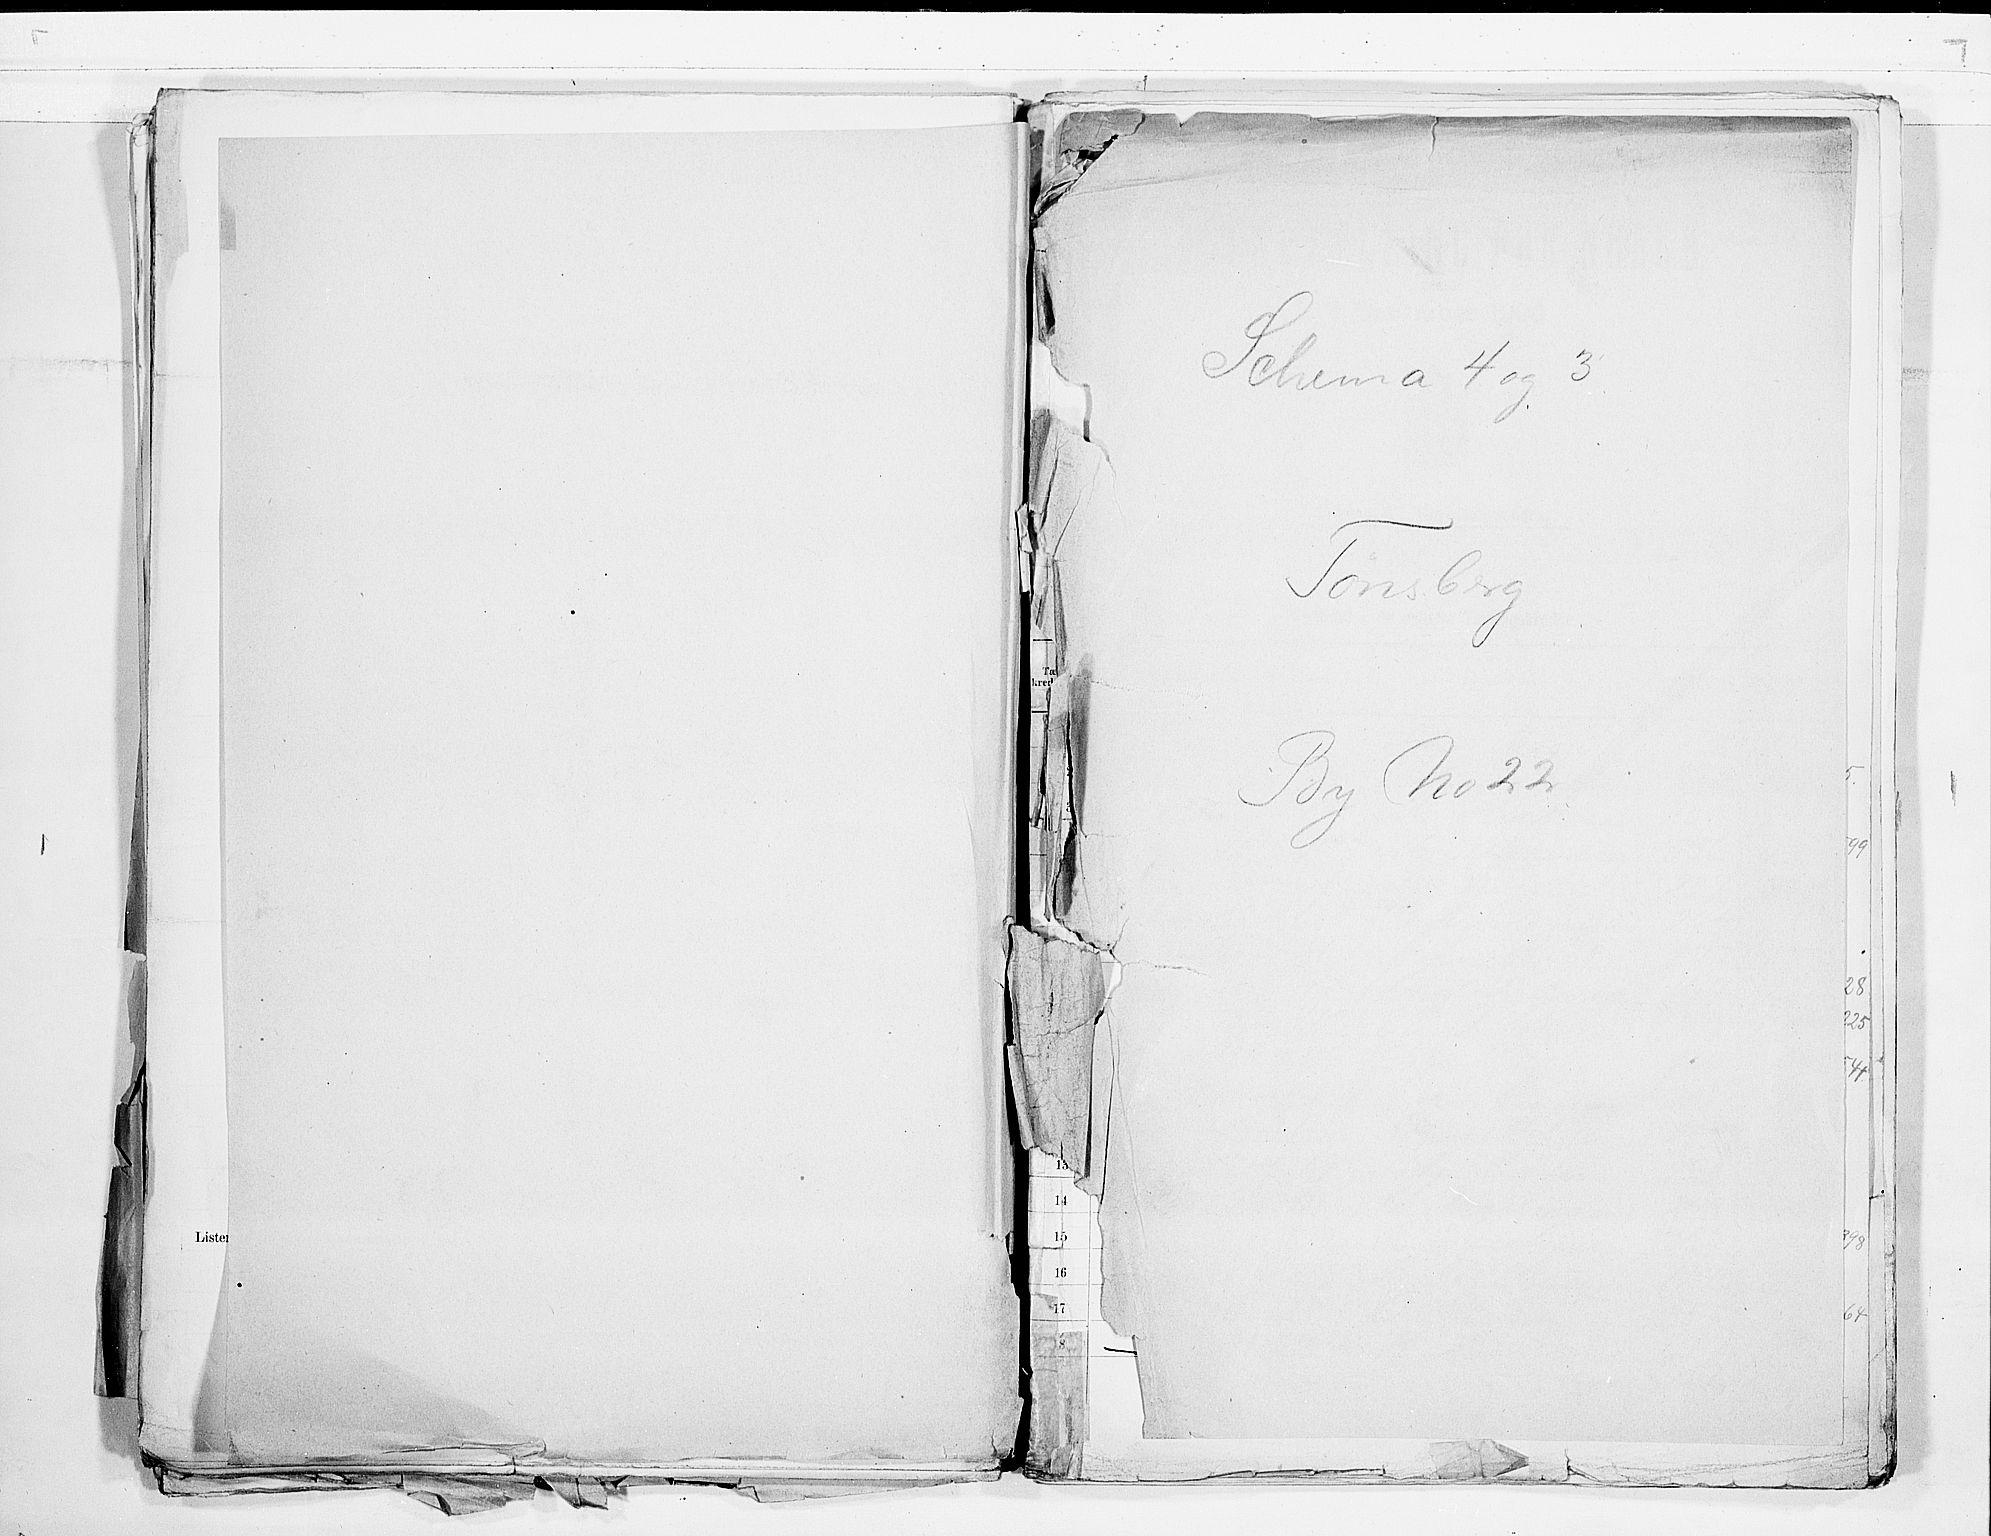 RA, Folketelling 1900 for 0705 Tønsberg kjøpstad, 1900, s. 1